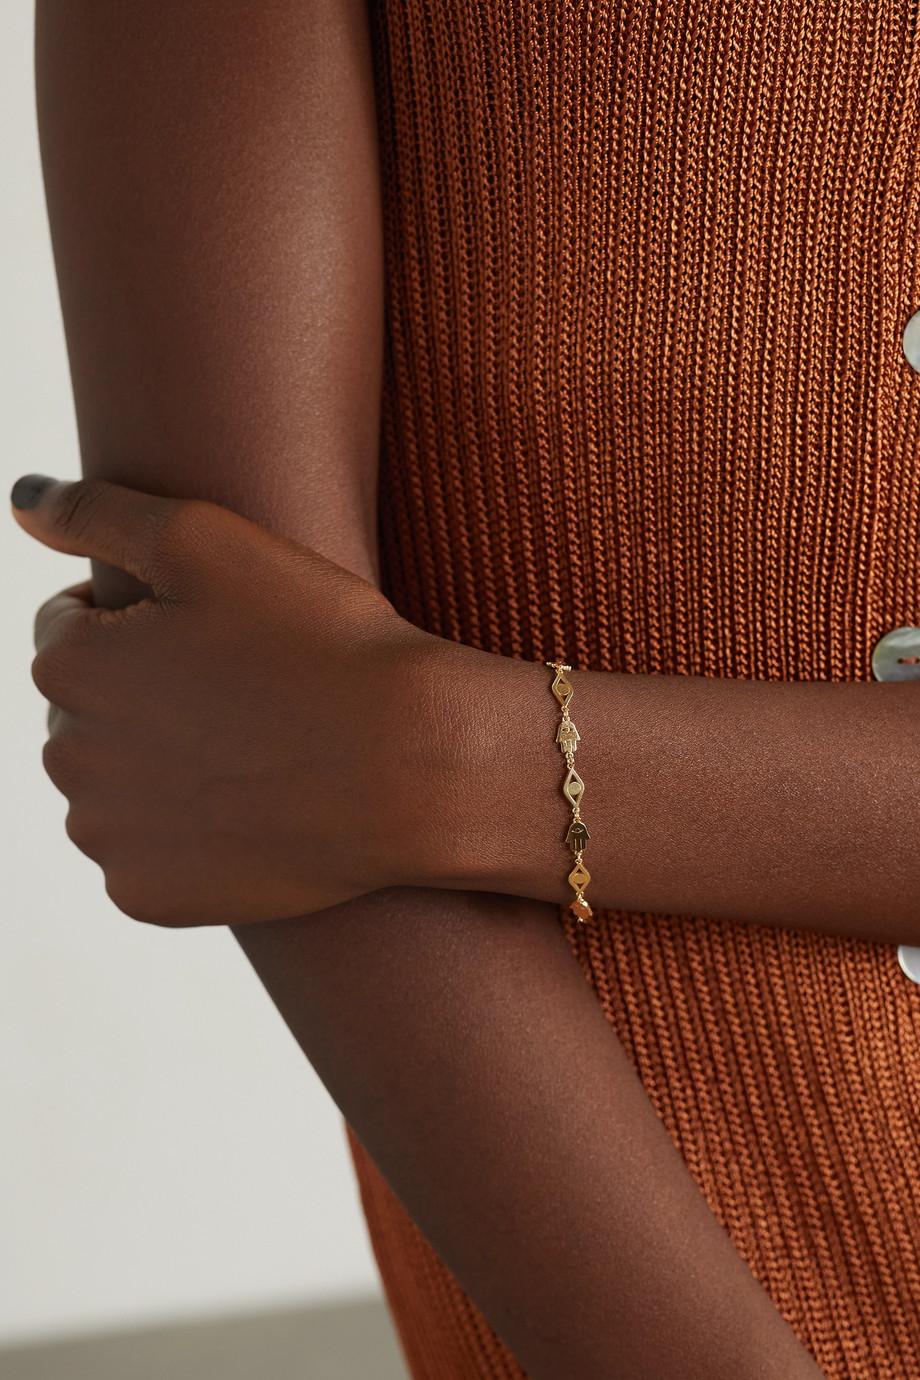 Sydney Evan Tiny Pure 14-karat gold bracelet